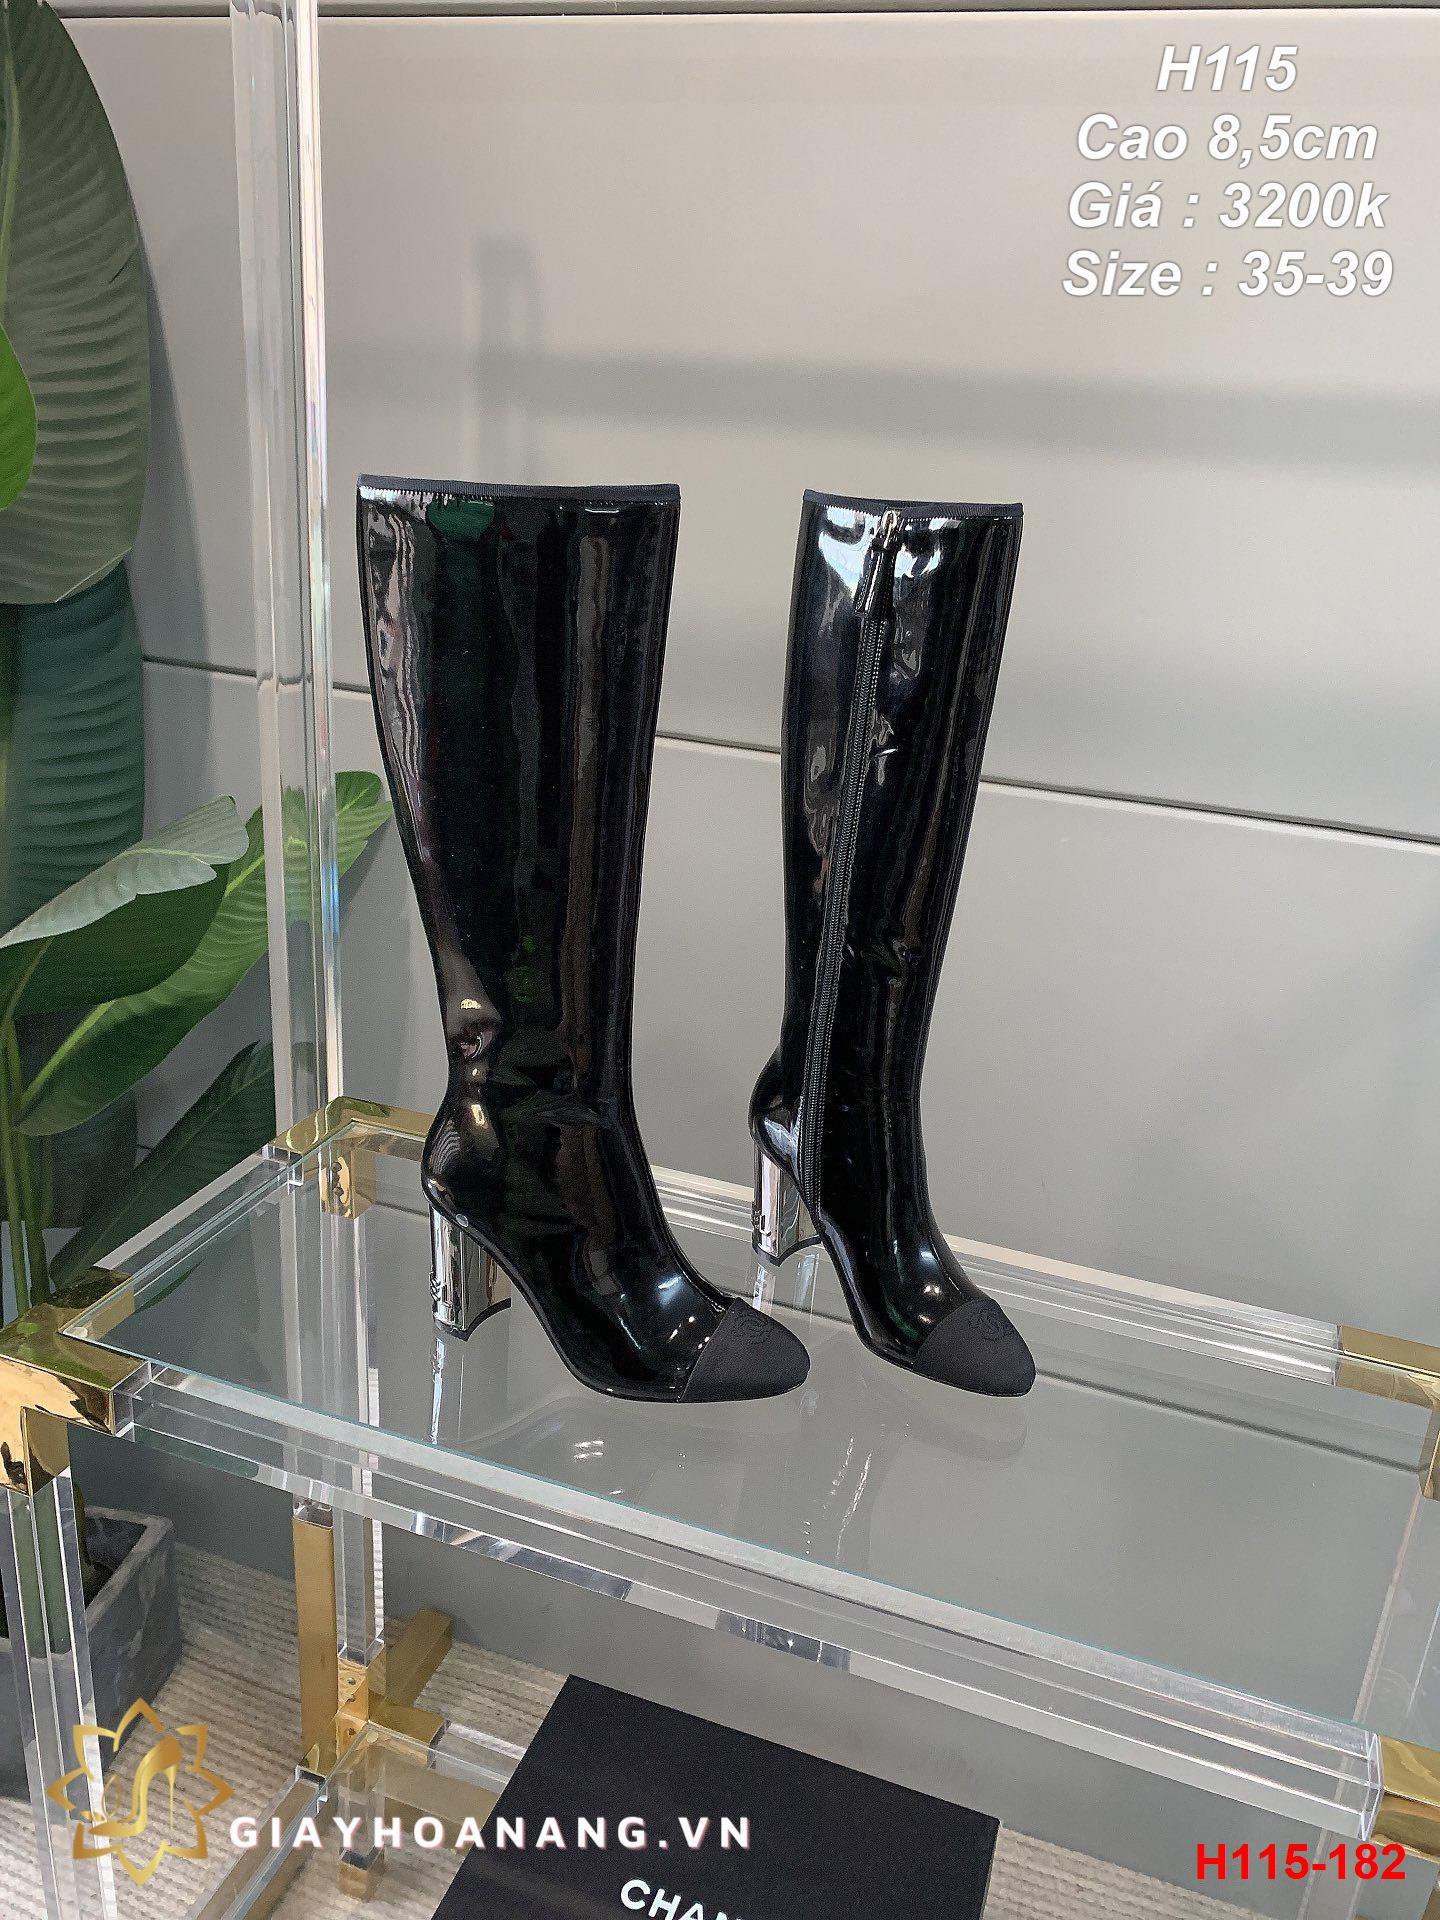 H115-182 Chanel bốt cao 8,5cm siêu cấp